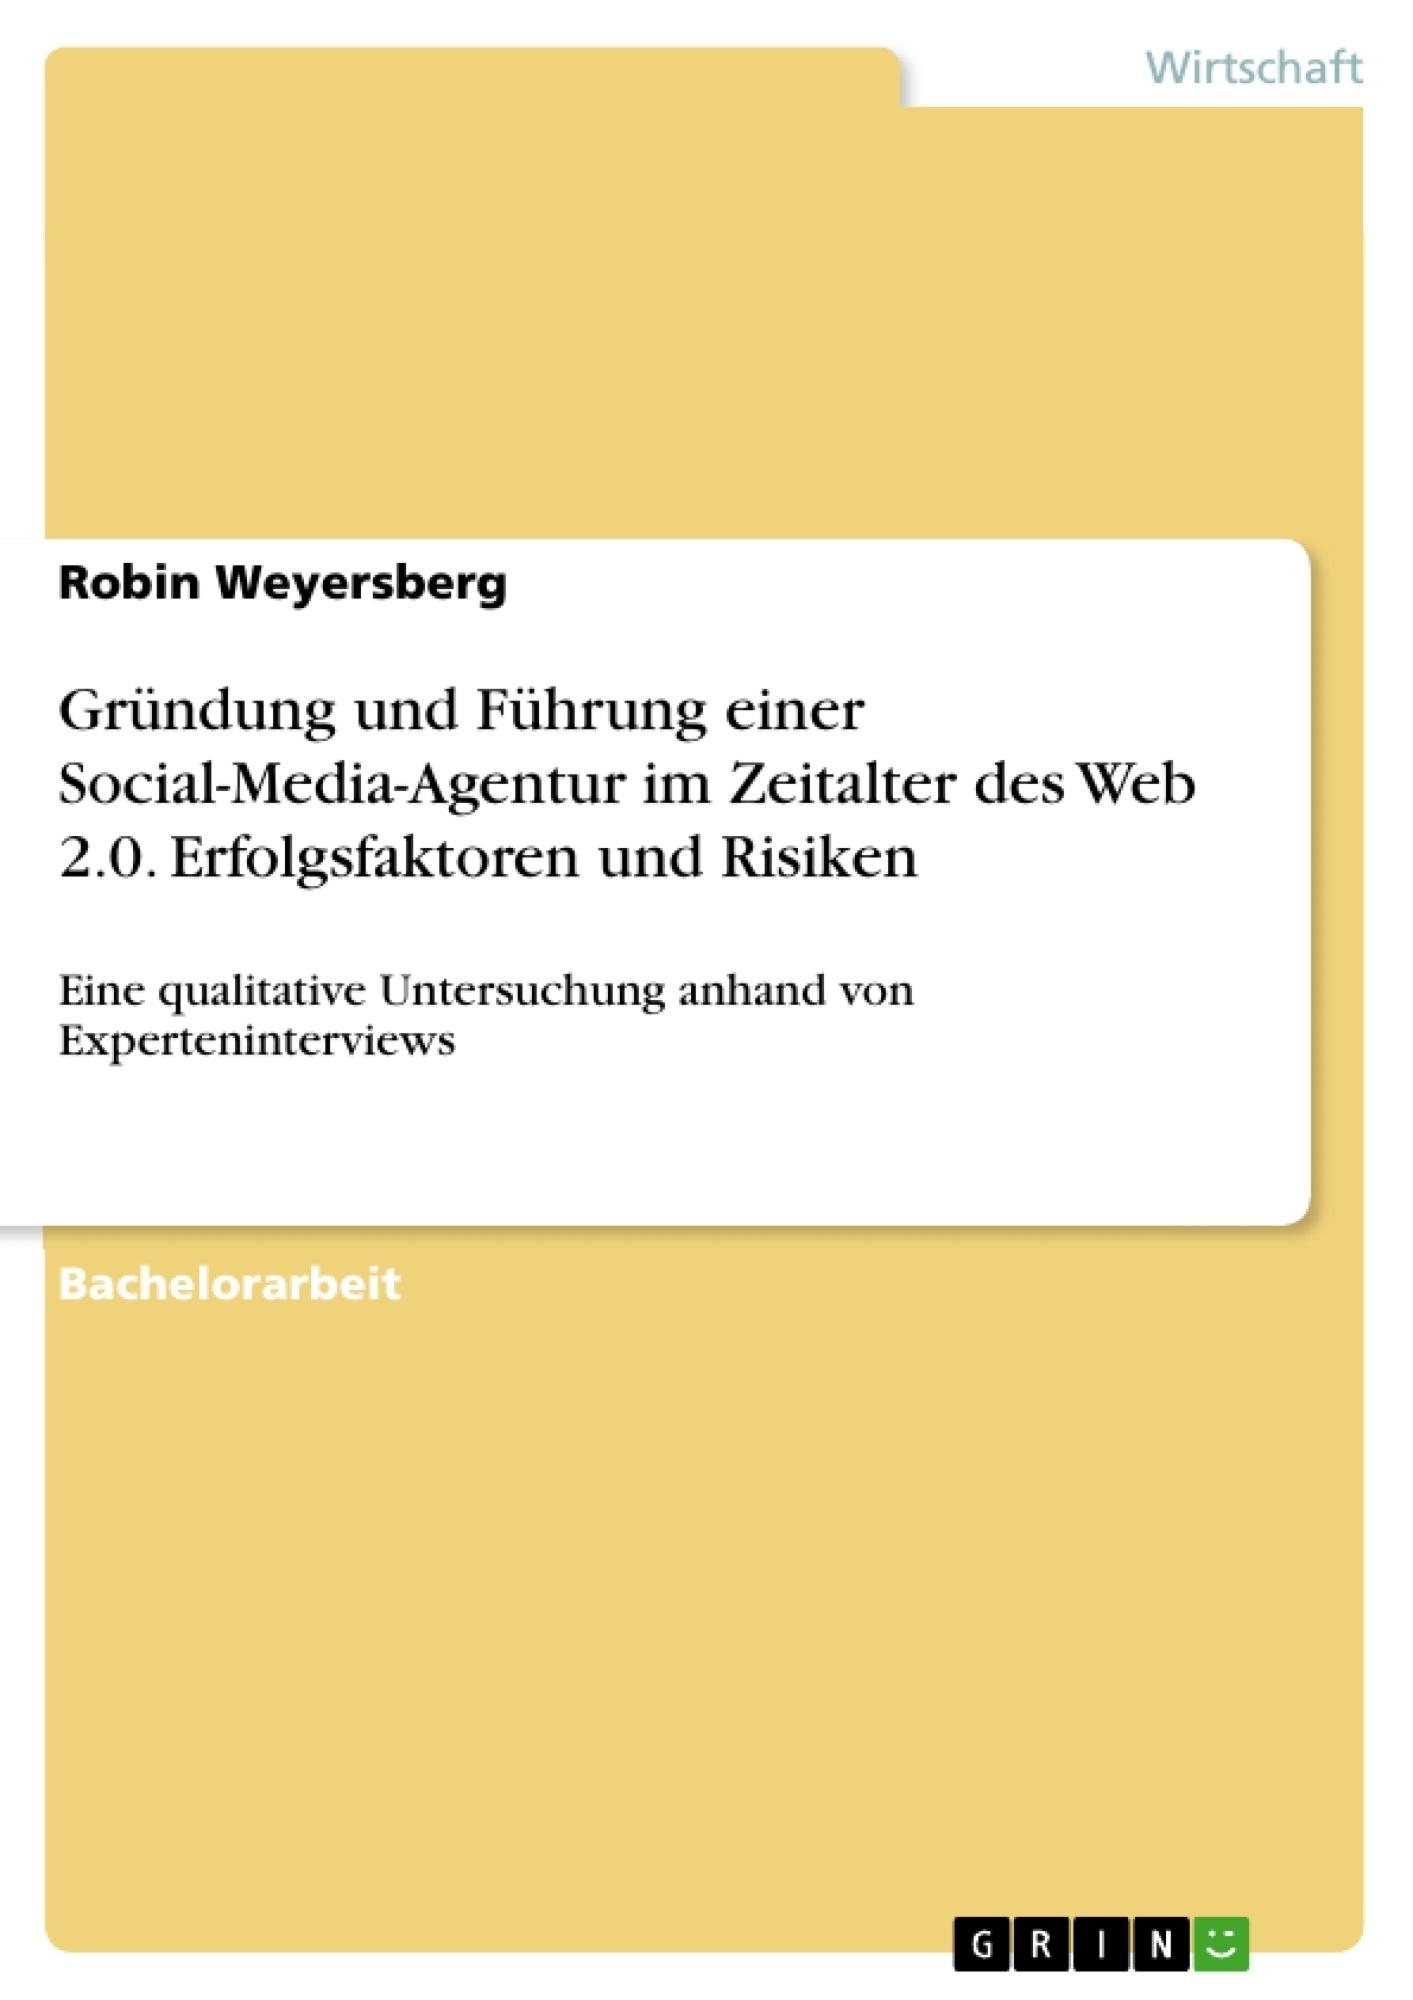 Titel: Gründung und Führung einer Social-Media-Agentur im Zeitalter des Web 2.0. Erfolgsfaktoren und Risiken